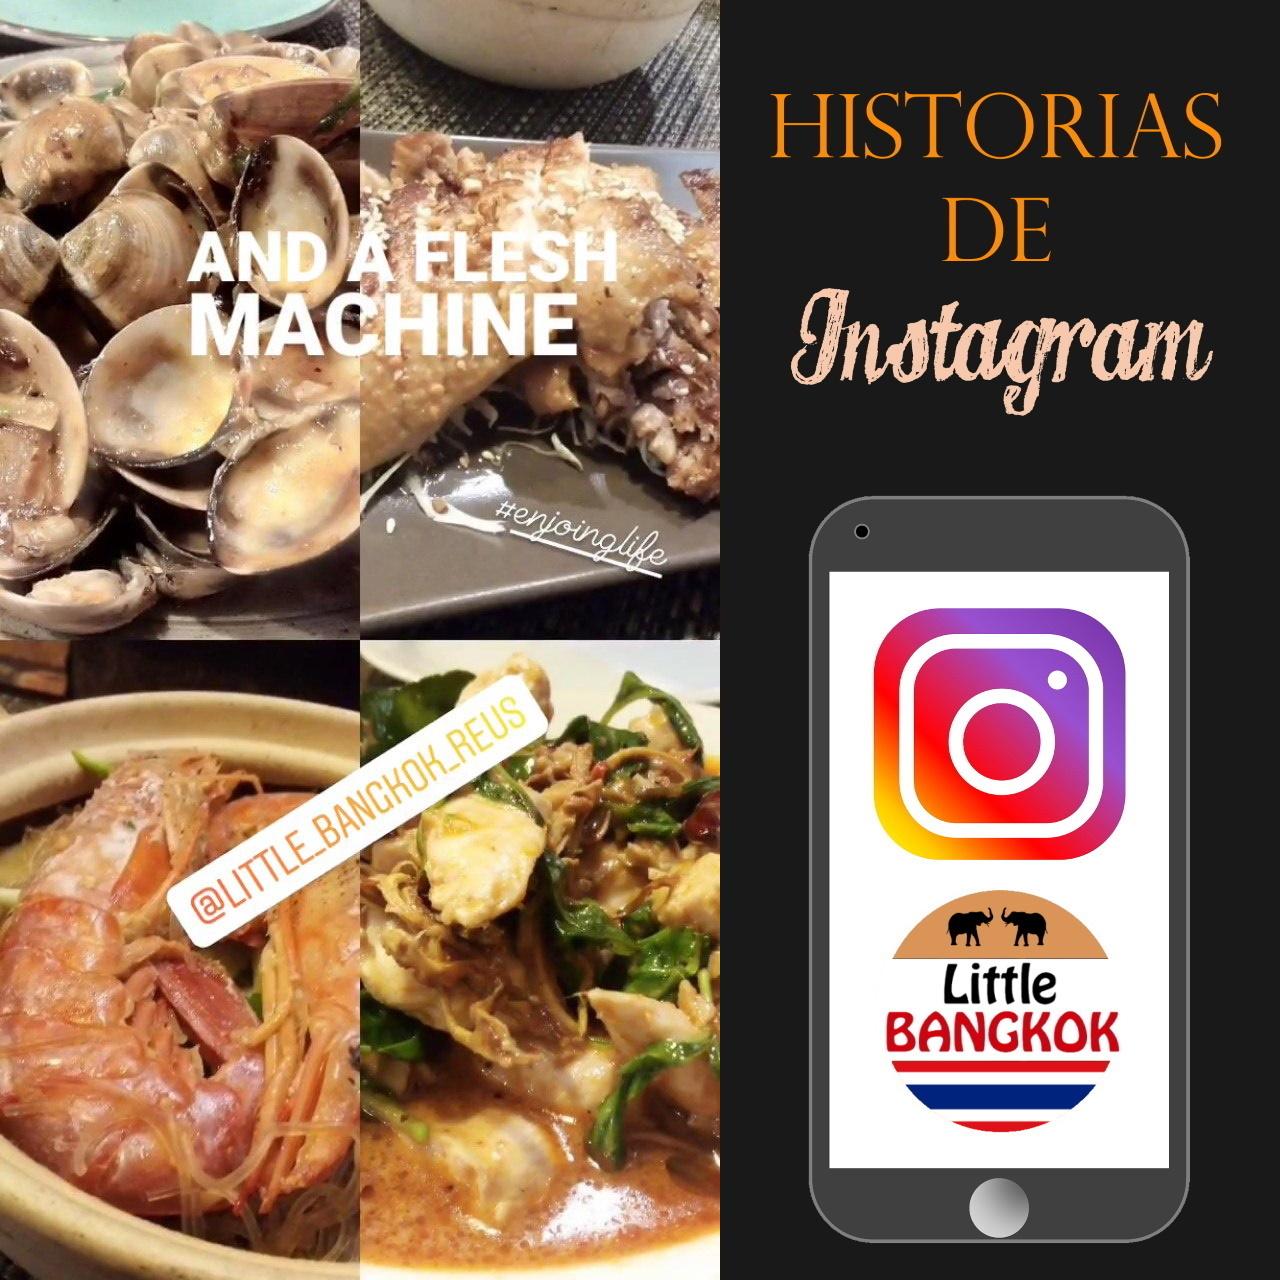 Historias de Instagram - Desembre Semana 1